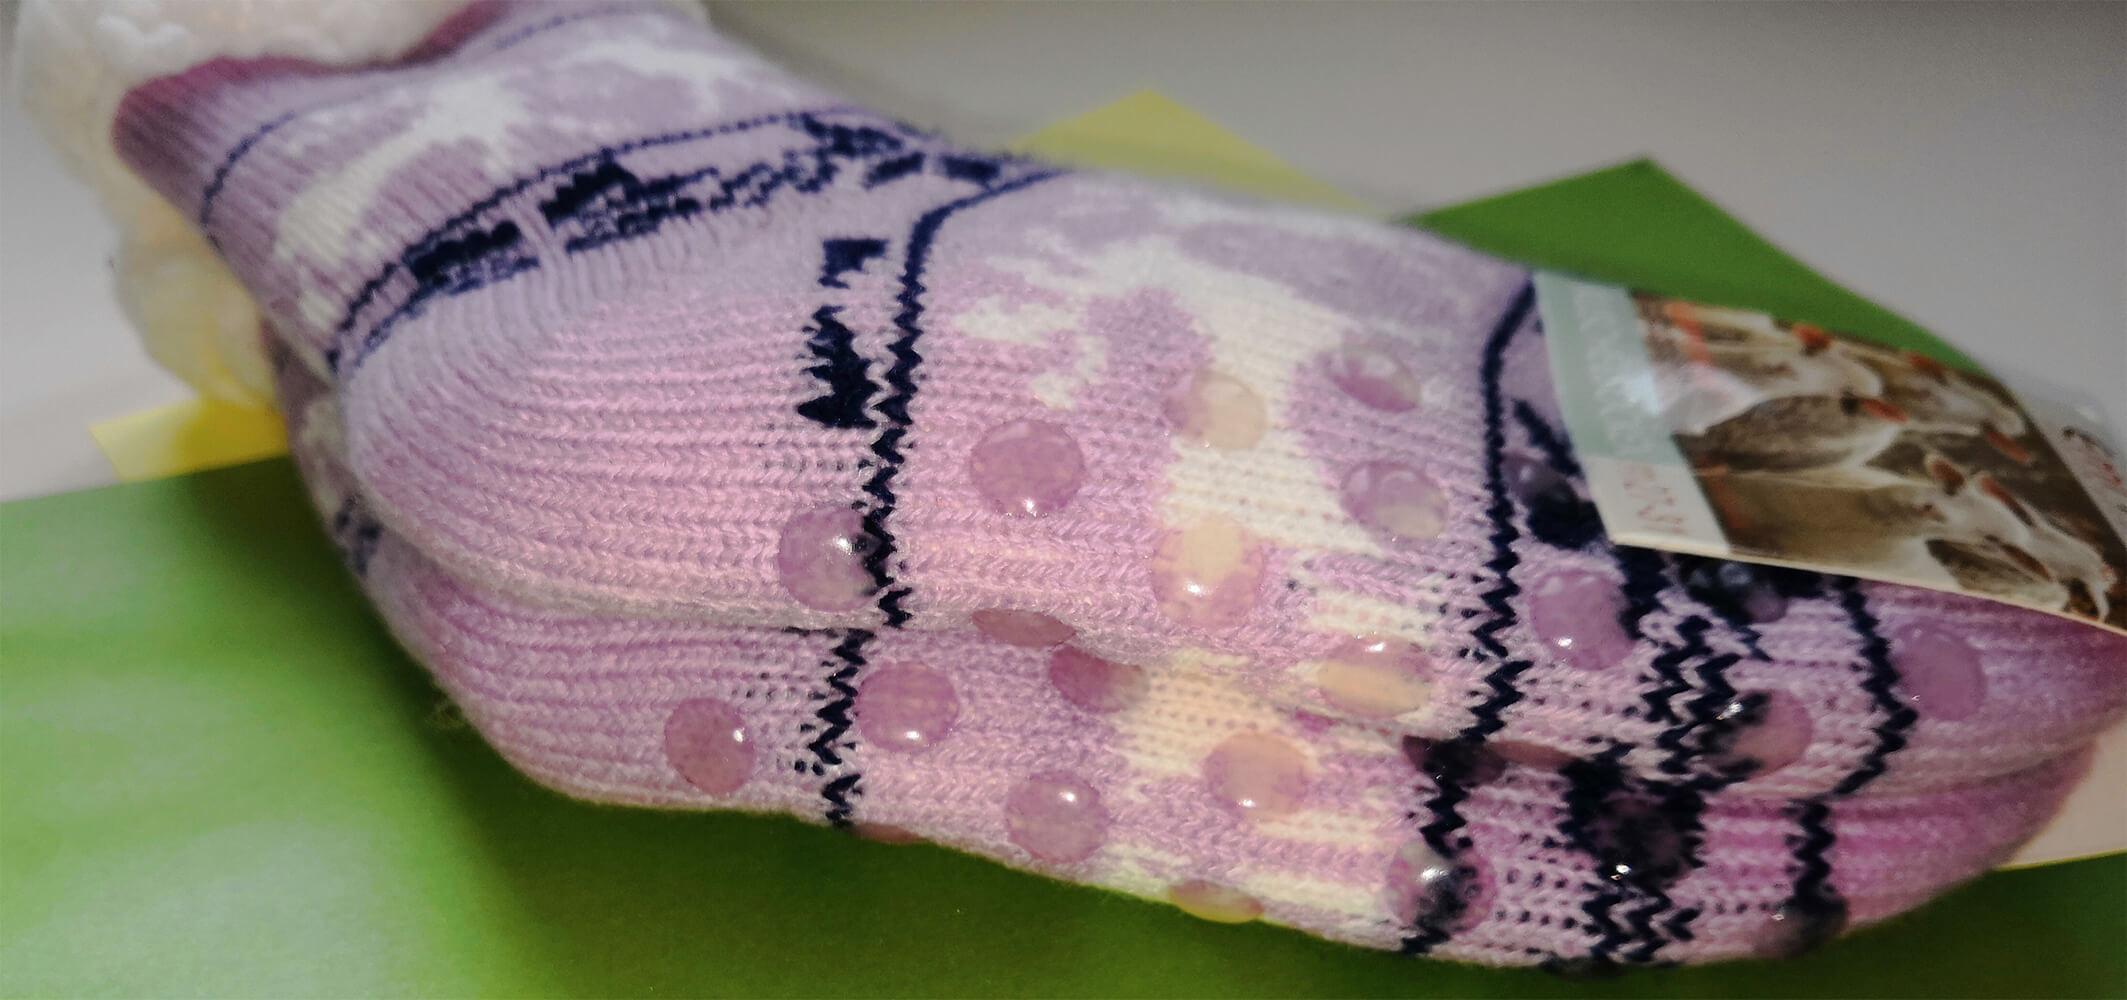 Детские носки-тапочки Emi Ross EJ-6209-p розового цвета. 32-35 размера. Фото 3